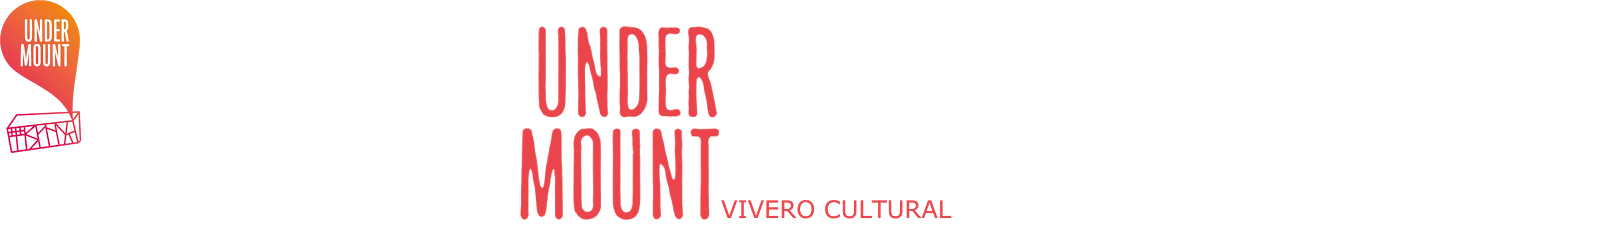 UNDERMOUNT VIVERO CULTURAL